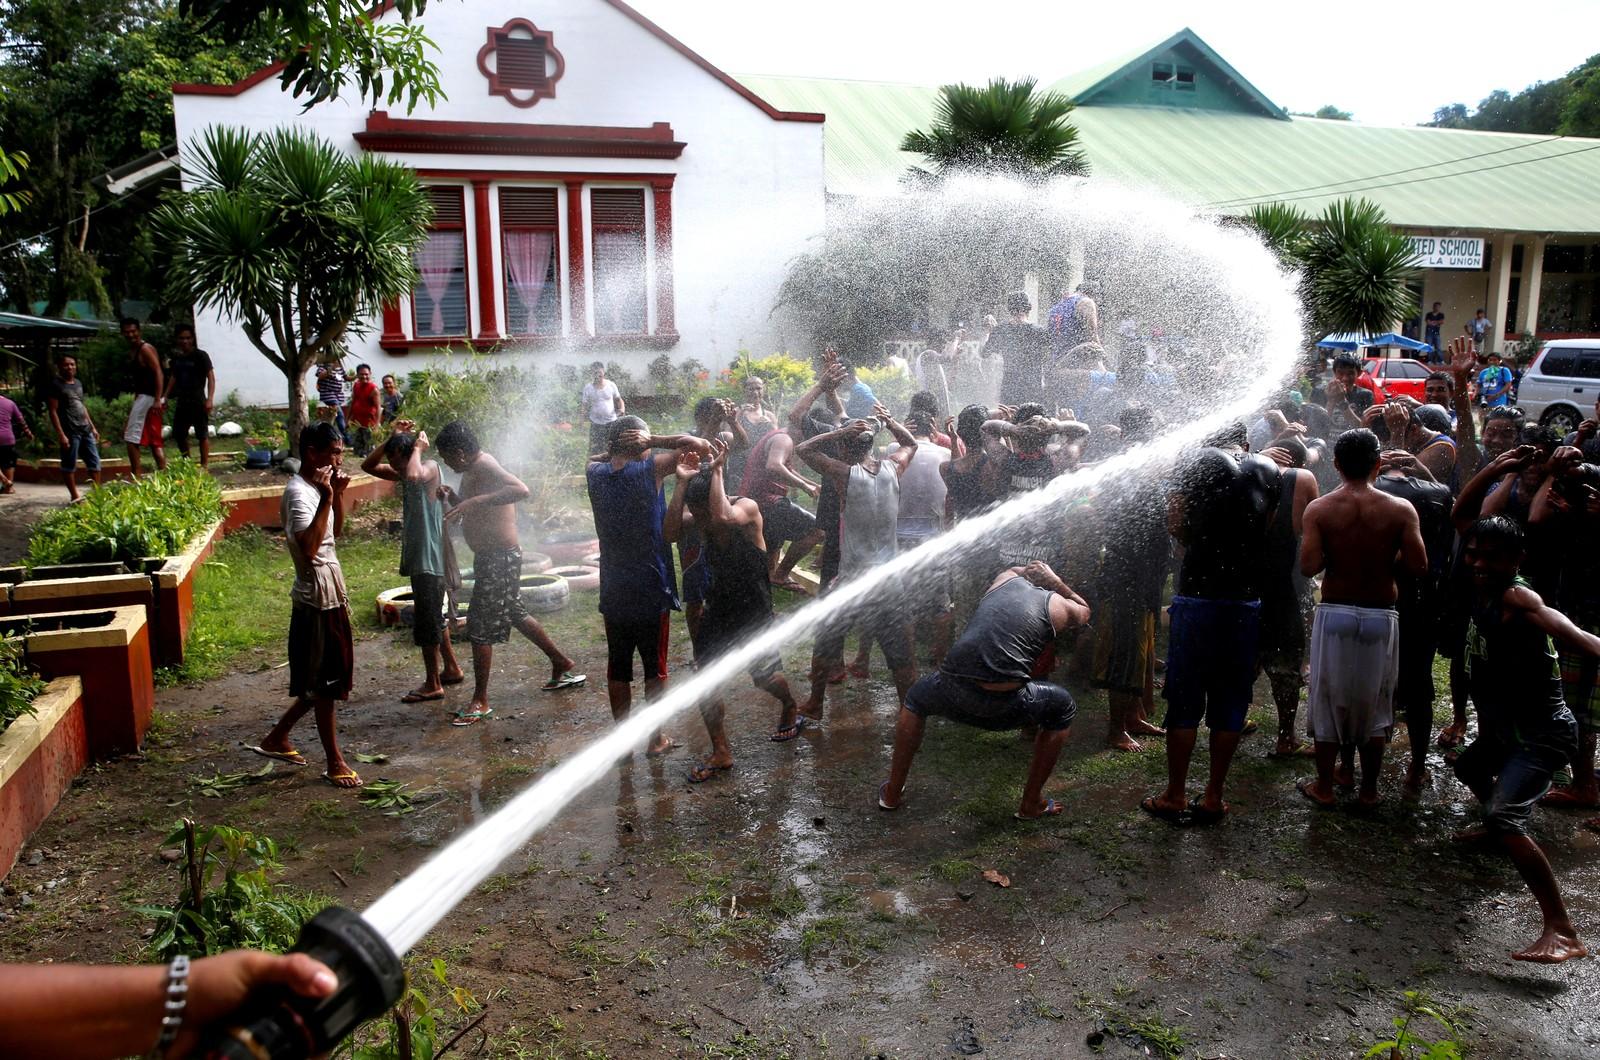 Narkotikabrukere som kaller seg «Recovering Champions», spyles med vann som en del av et rehabiliteringsprogram nord på Filippinene.